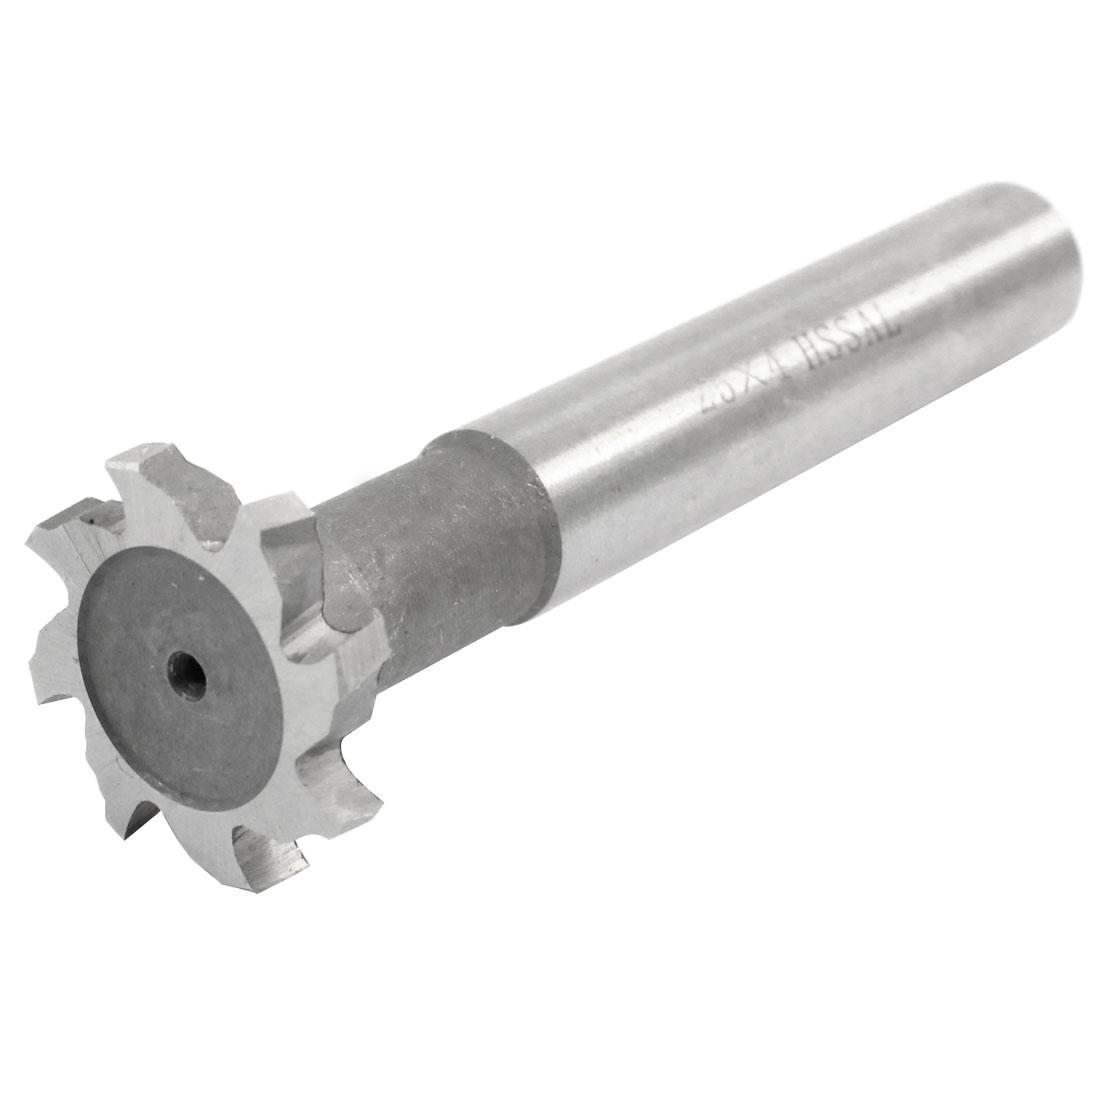 80mm Long HSSAL 8 Flutes T Slot Cutter End Milling Cutter Tool 25mm x 4mm